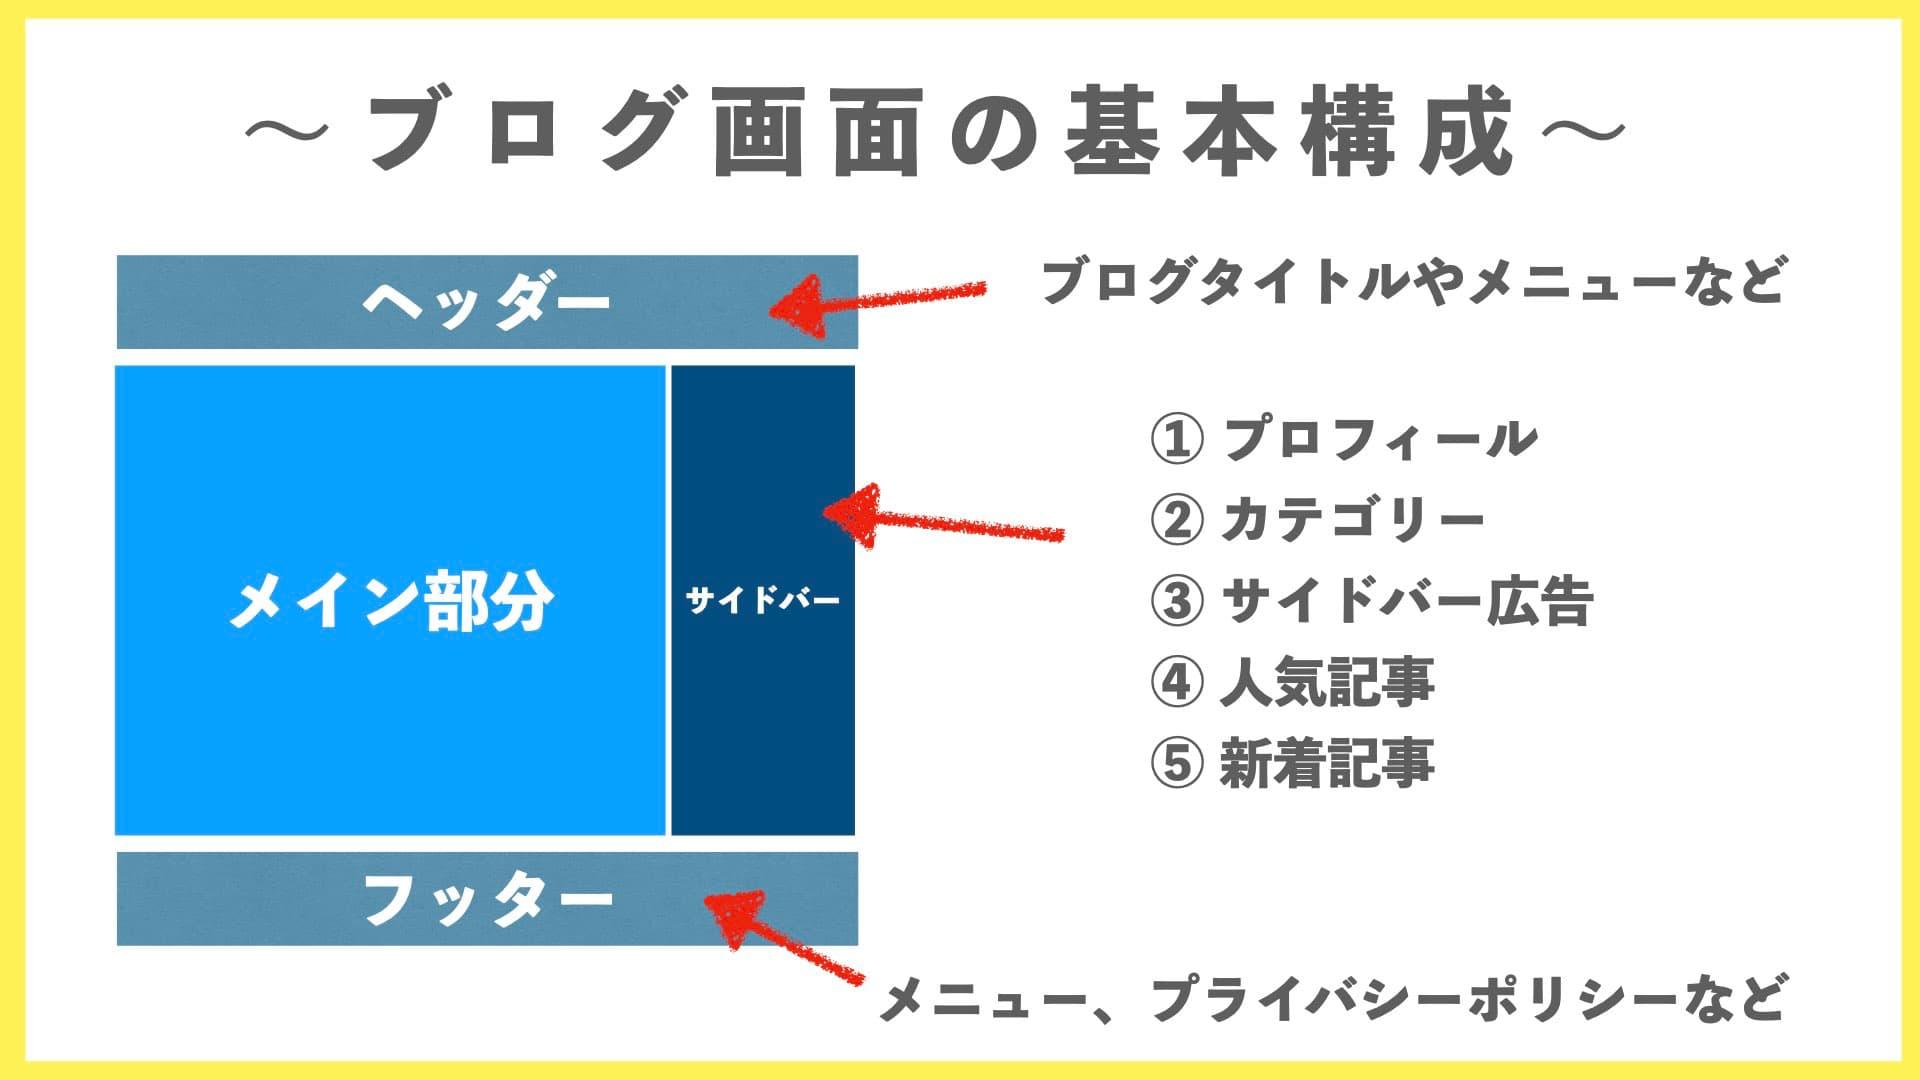 稼ぐブログ画面構成